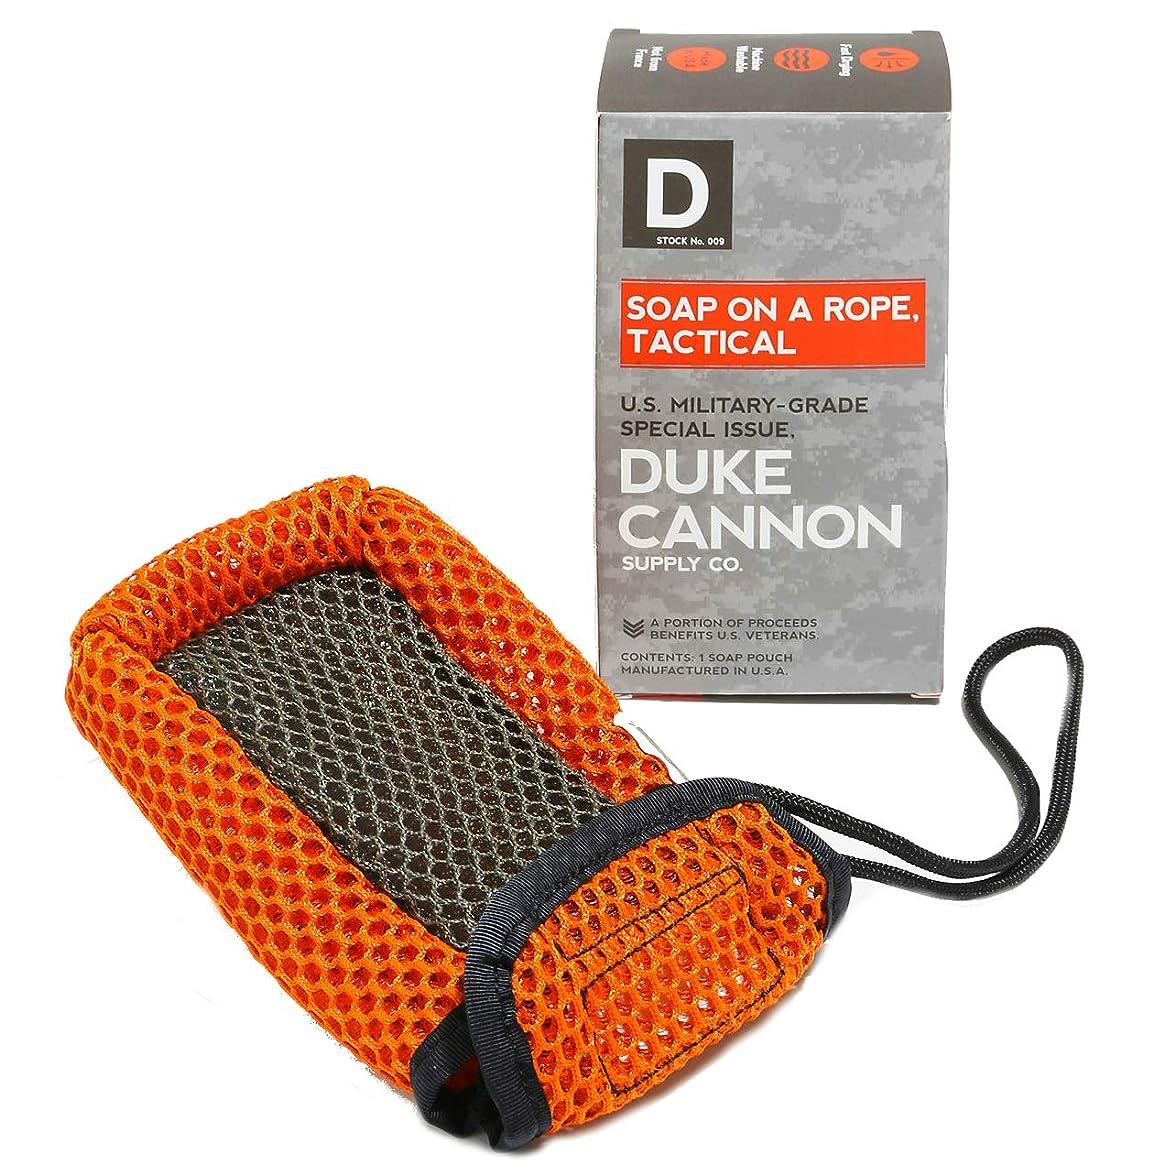 愛するピカソ食料品店Duke Cannon ロープのポーチには戦術的なソープ